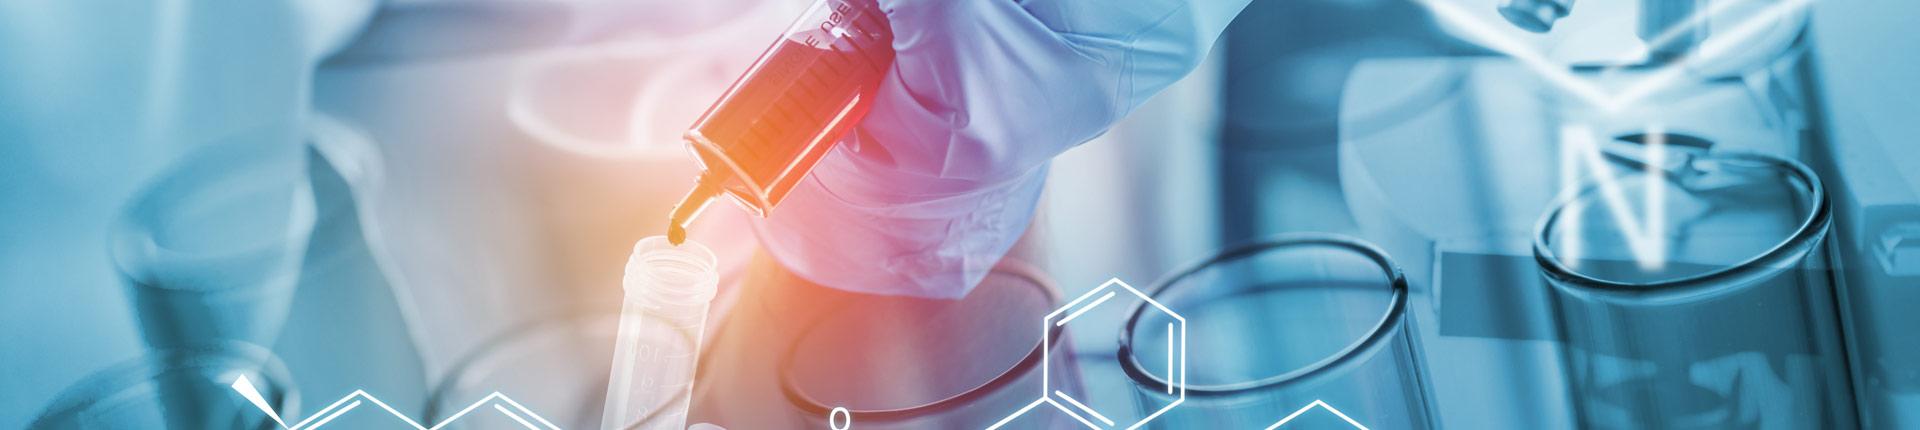 Izolat białka serwatkowego (WPI) czy kazeina?